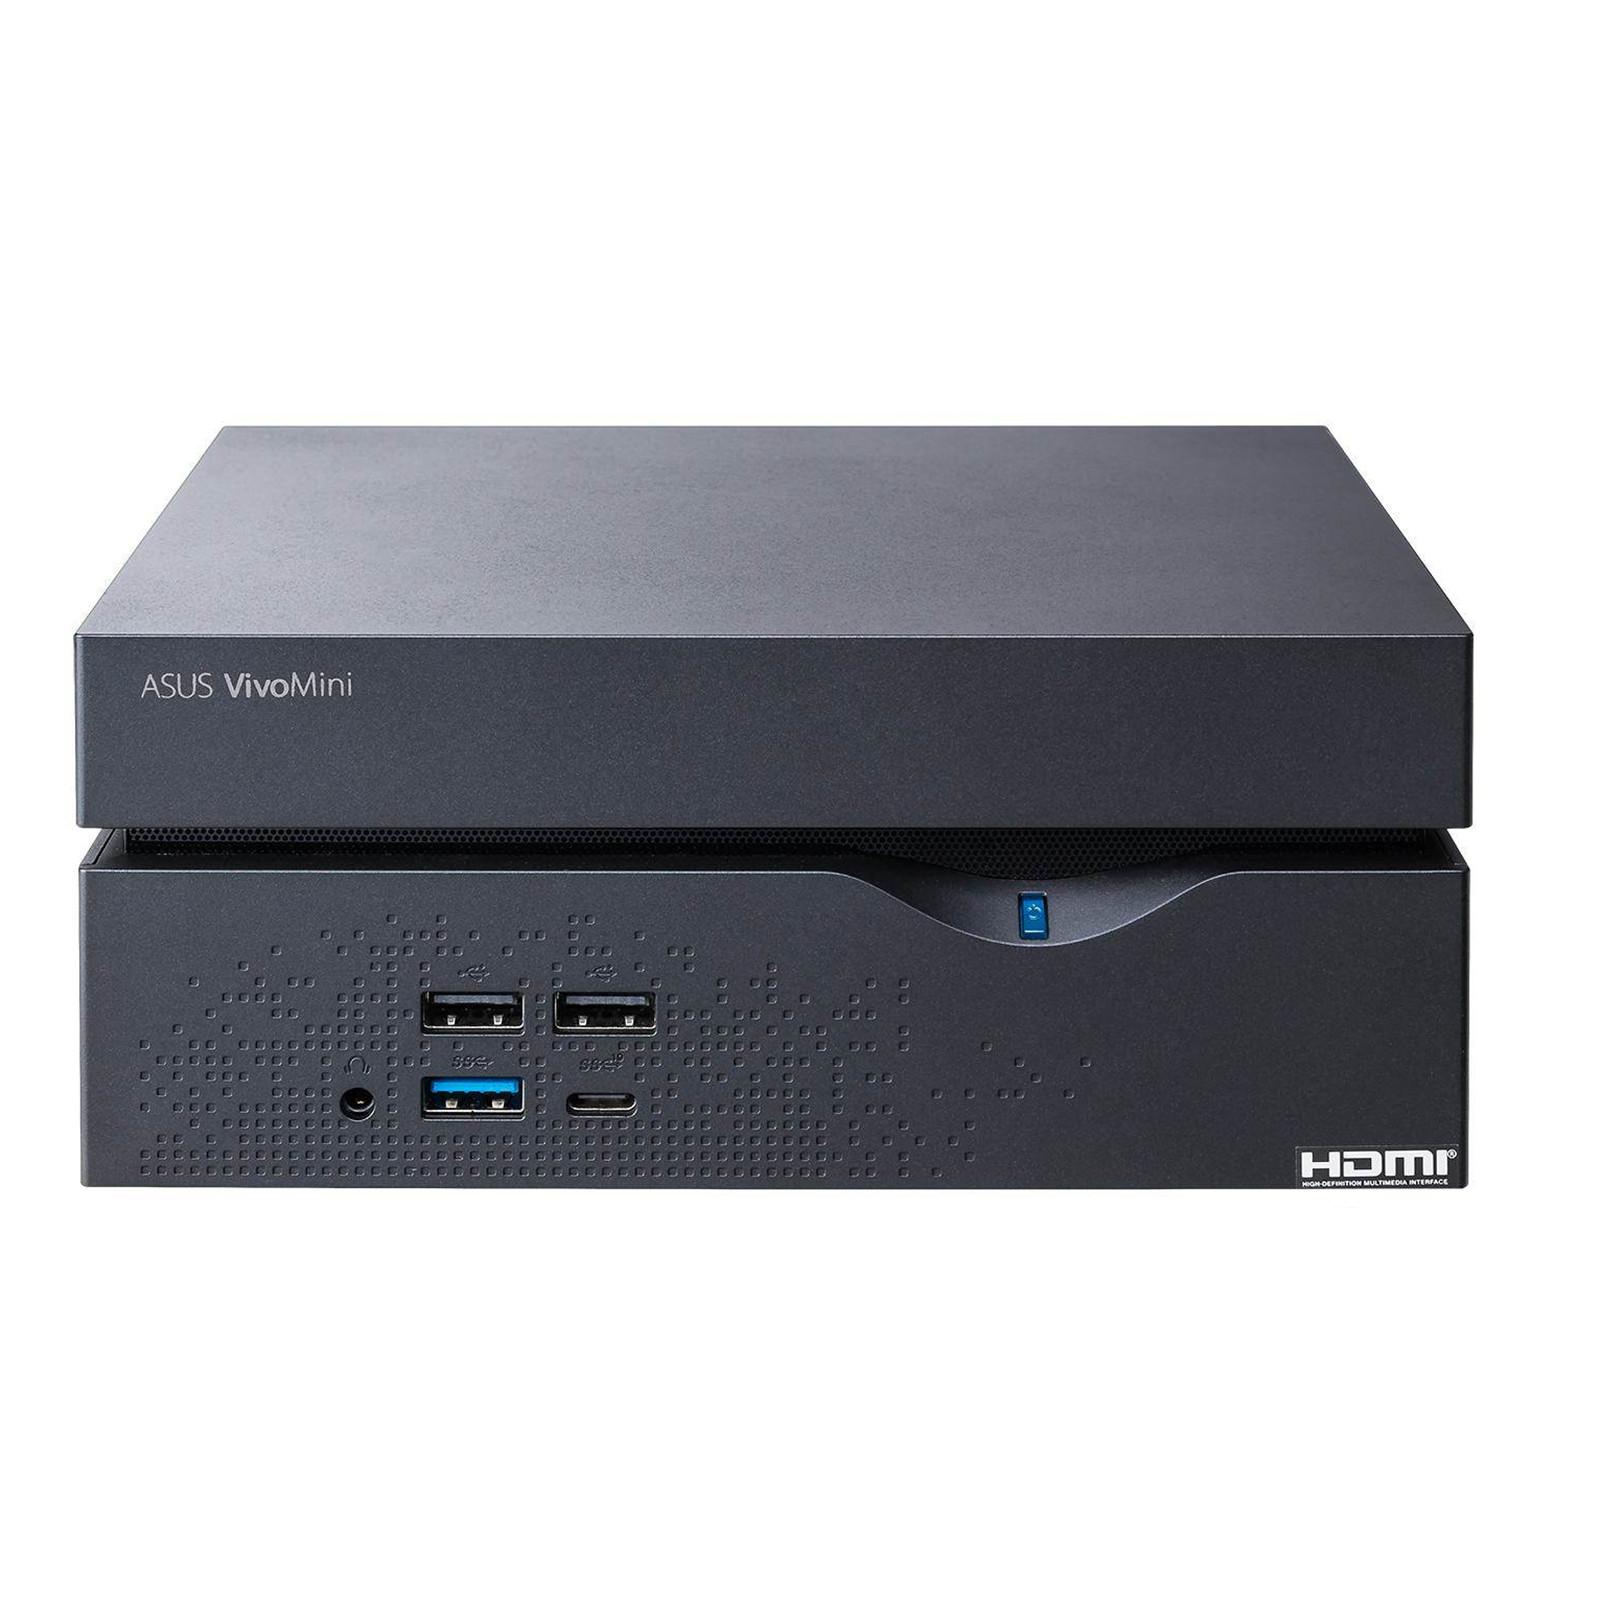 ASUS VivoMini VC66R USFF Intel Kaby Lake Core i7 7700 3.6Ghz QuadCore,  support triple display via DisplayPort, HDMI, DVI, 2 X DDR4 SODIMM,1 X M.2,  ... bf804b102772